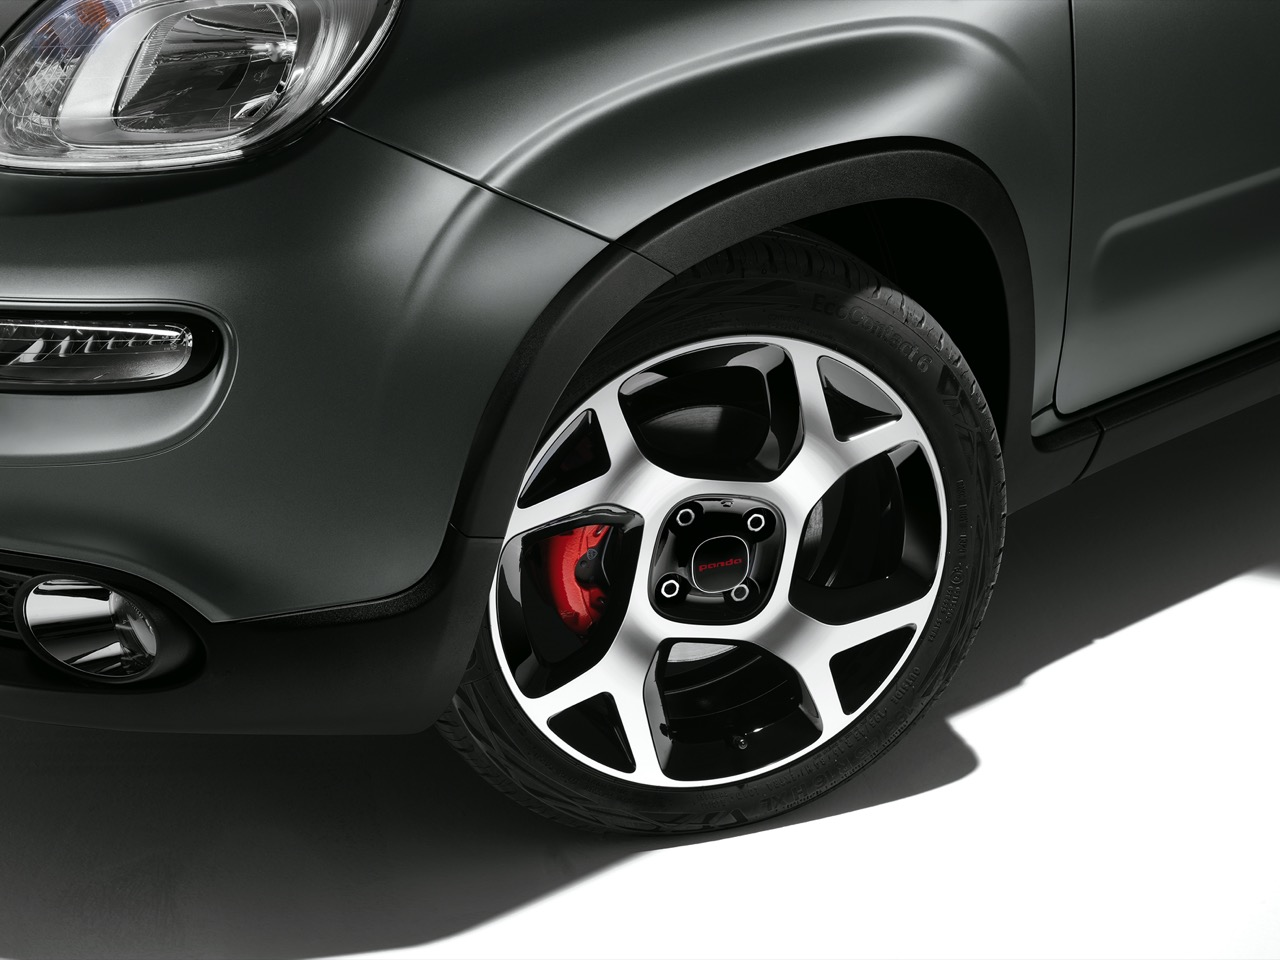 Nuova Fiat Panda 2020 Prezzo 4x4 Sport Hybrid Motori Caratteristiche